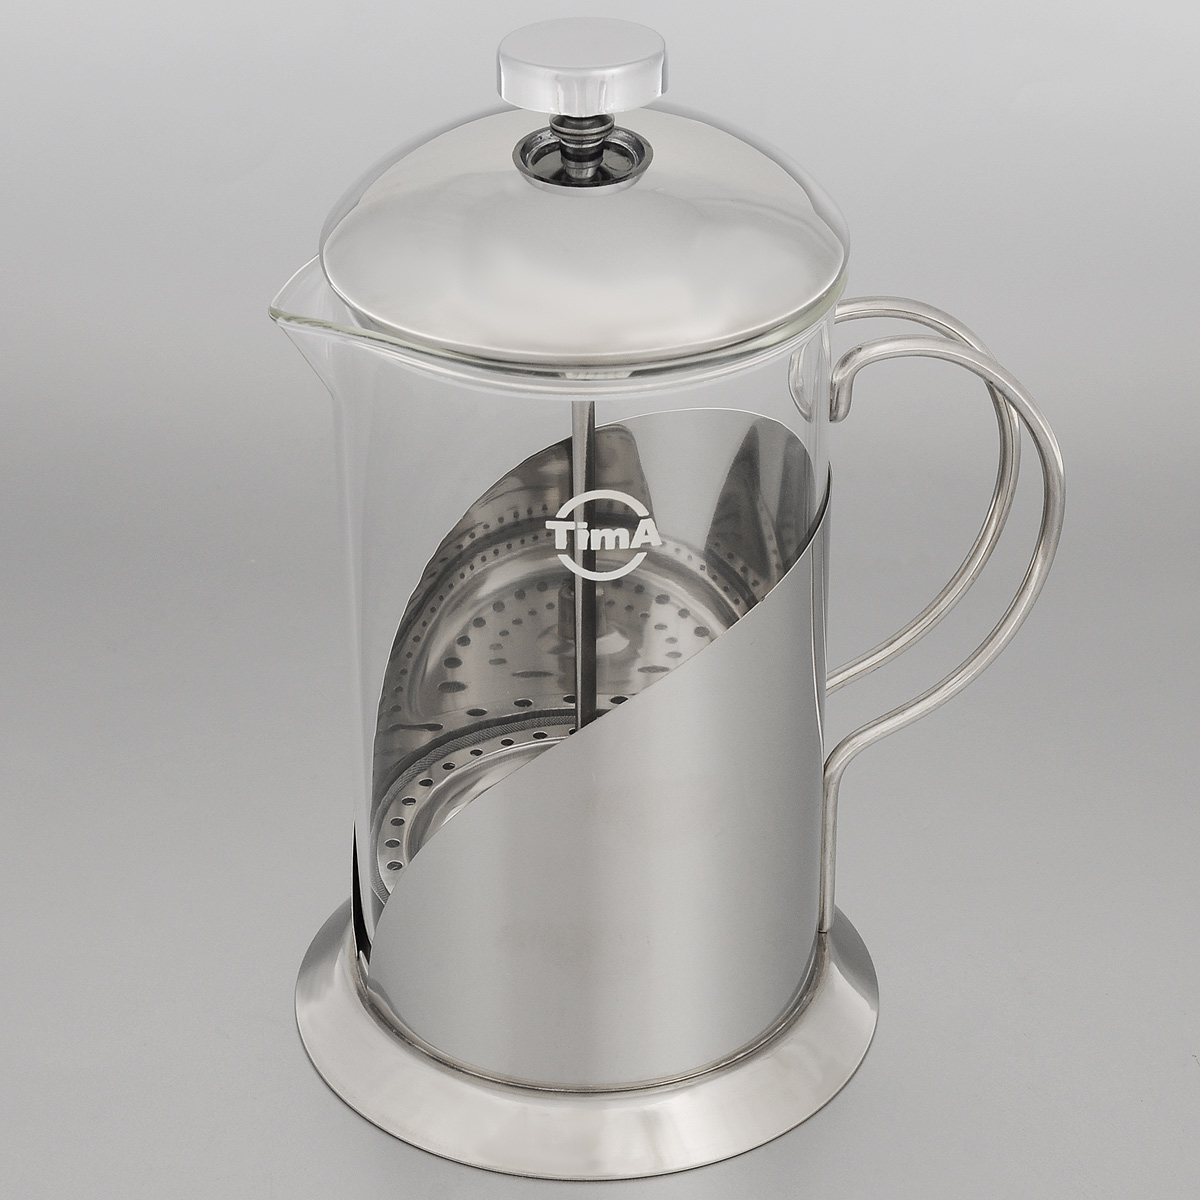 Френч-пресс TimA Тирамису, 800 мл11198-294Френч-пресс TimA Тирамису специально предназначен для приготовления кофе или чая методом настаивания и отжима. Преимуществ, которыми обладает френч-пресс перед обычным заварником, немало. Это удобство: засыпав чай под поршень и закрыв конструкцию крышкой, вы можете после заваривания разливать чай без использования дополнительных фильтров и других приспособлений. Кроме того, френч-пресс на столе смотрится очень элегантно - все участники чаепития смогут не только насладиться безупречным вкусом напитка, но и наблюдать процесс заваривания, раскрытия вкуса и цвета чая, высвобождения его аромата. Френч-пресс позволяет полностью извлечь полезные вещества из травяных чаев. Можно мыть в посудомоечной машине. Диаметр основания: 12 см. Диаметр (по верхнему краю): 10 см. Высота френч-пресса: 22 см.